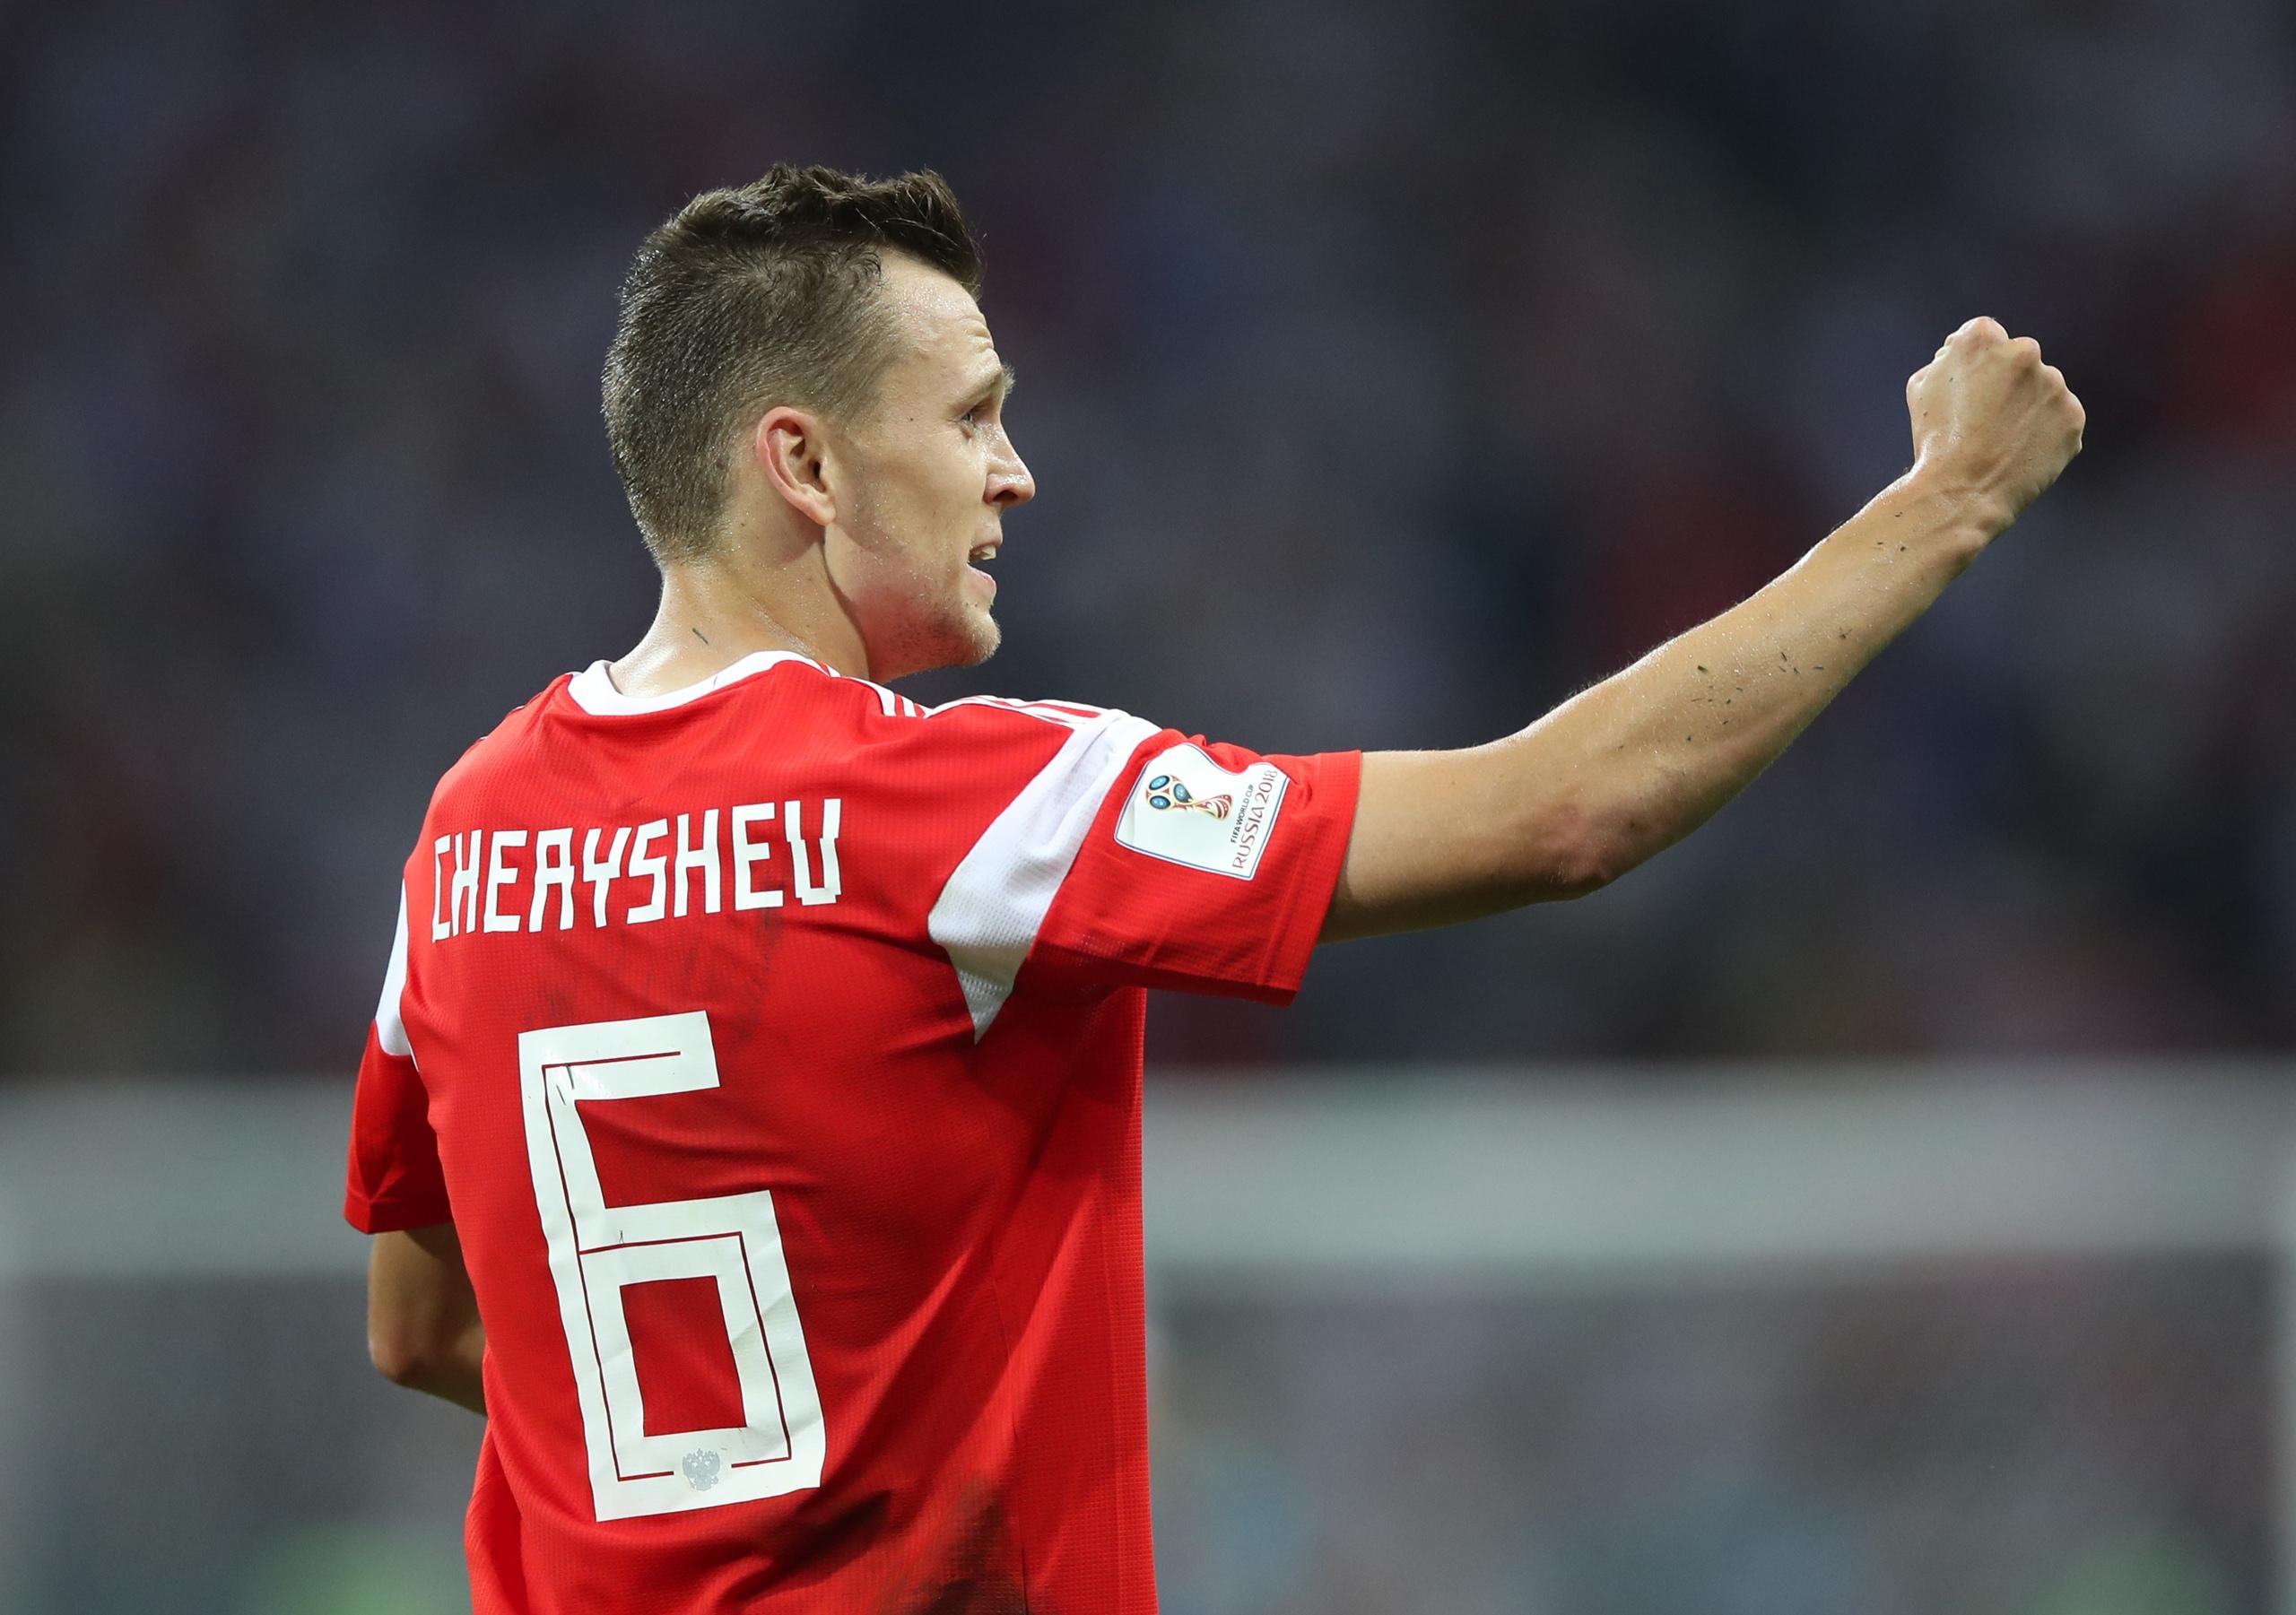 Черышев обратился к болельщикам сборной России перед матчем с Чехией